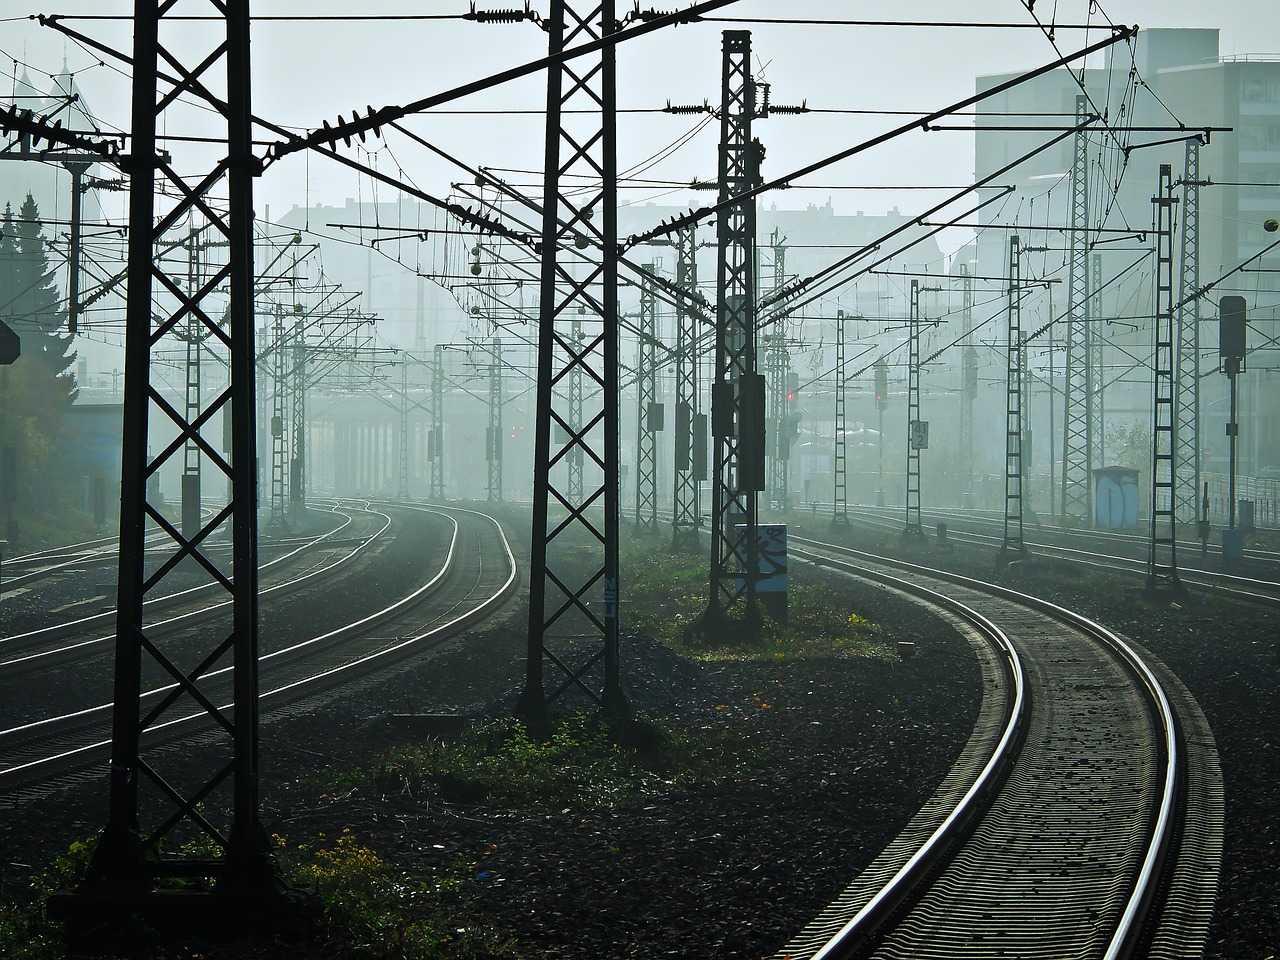 Samobójstwo pary 21-latków. Stali na torach czekając aż potrąci ich pociąg